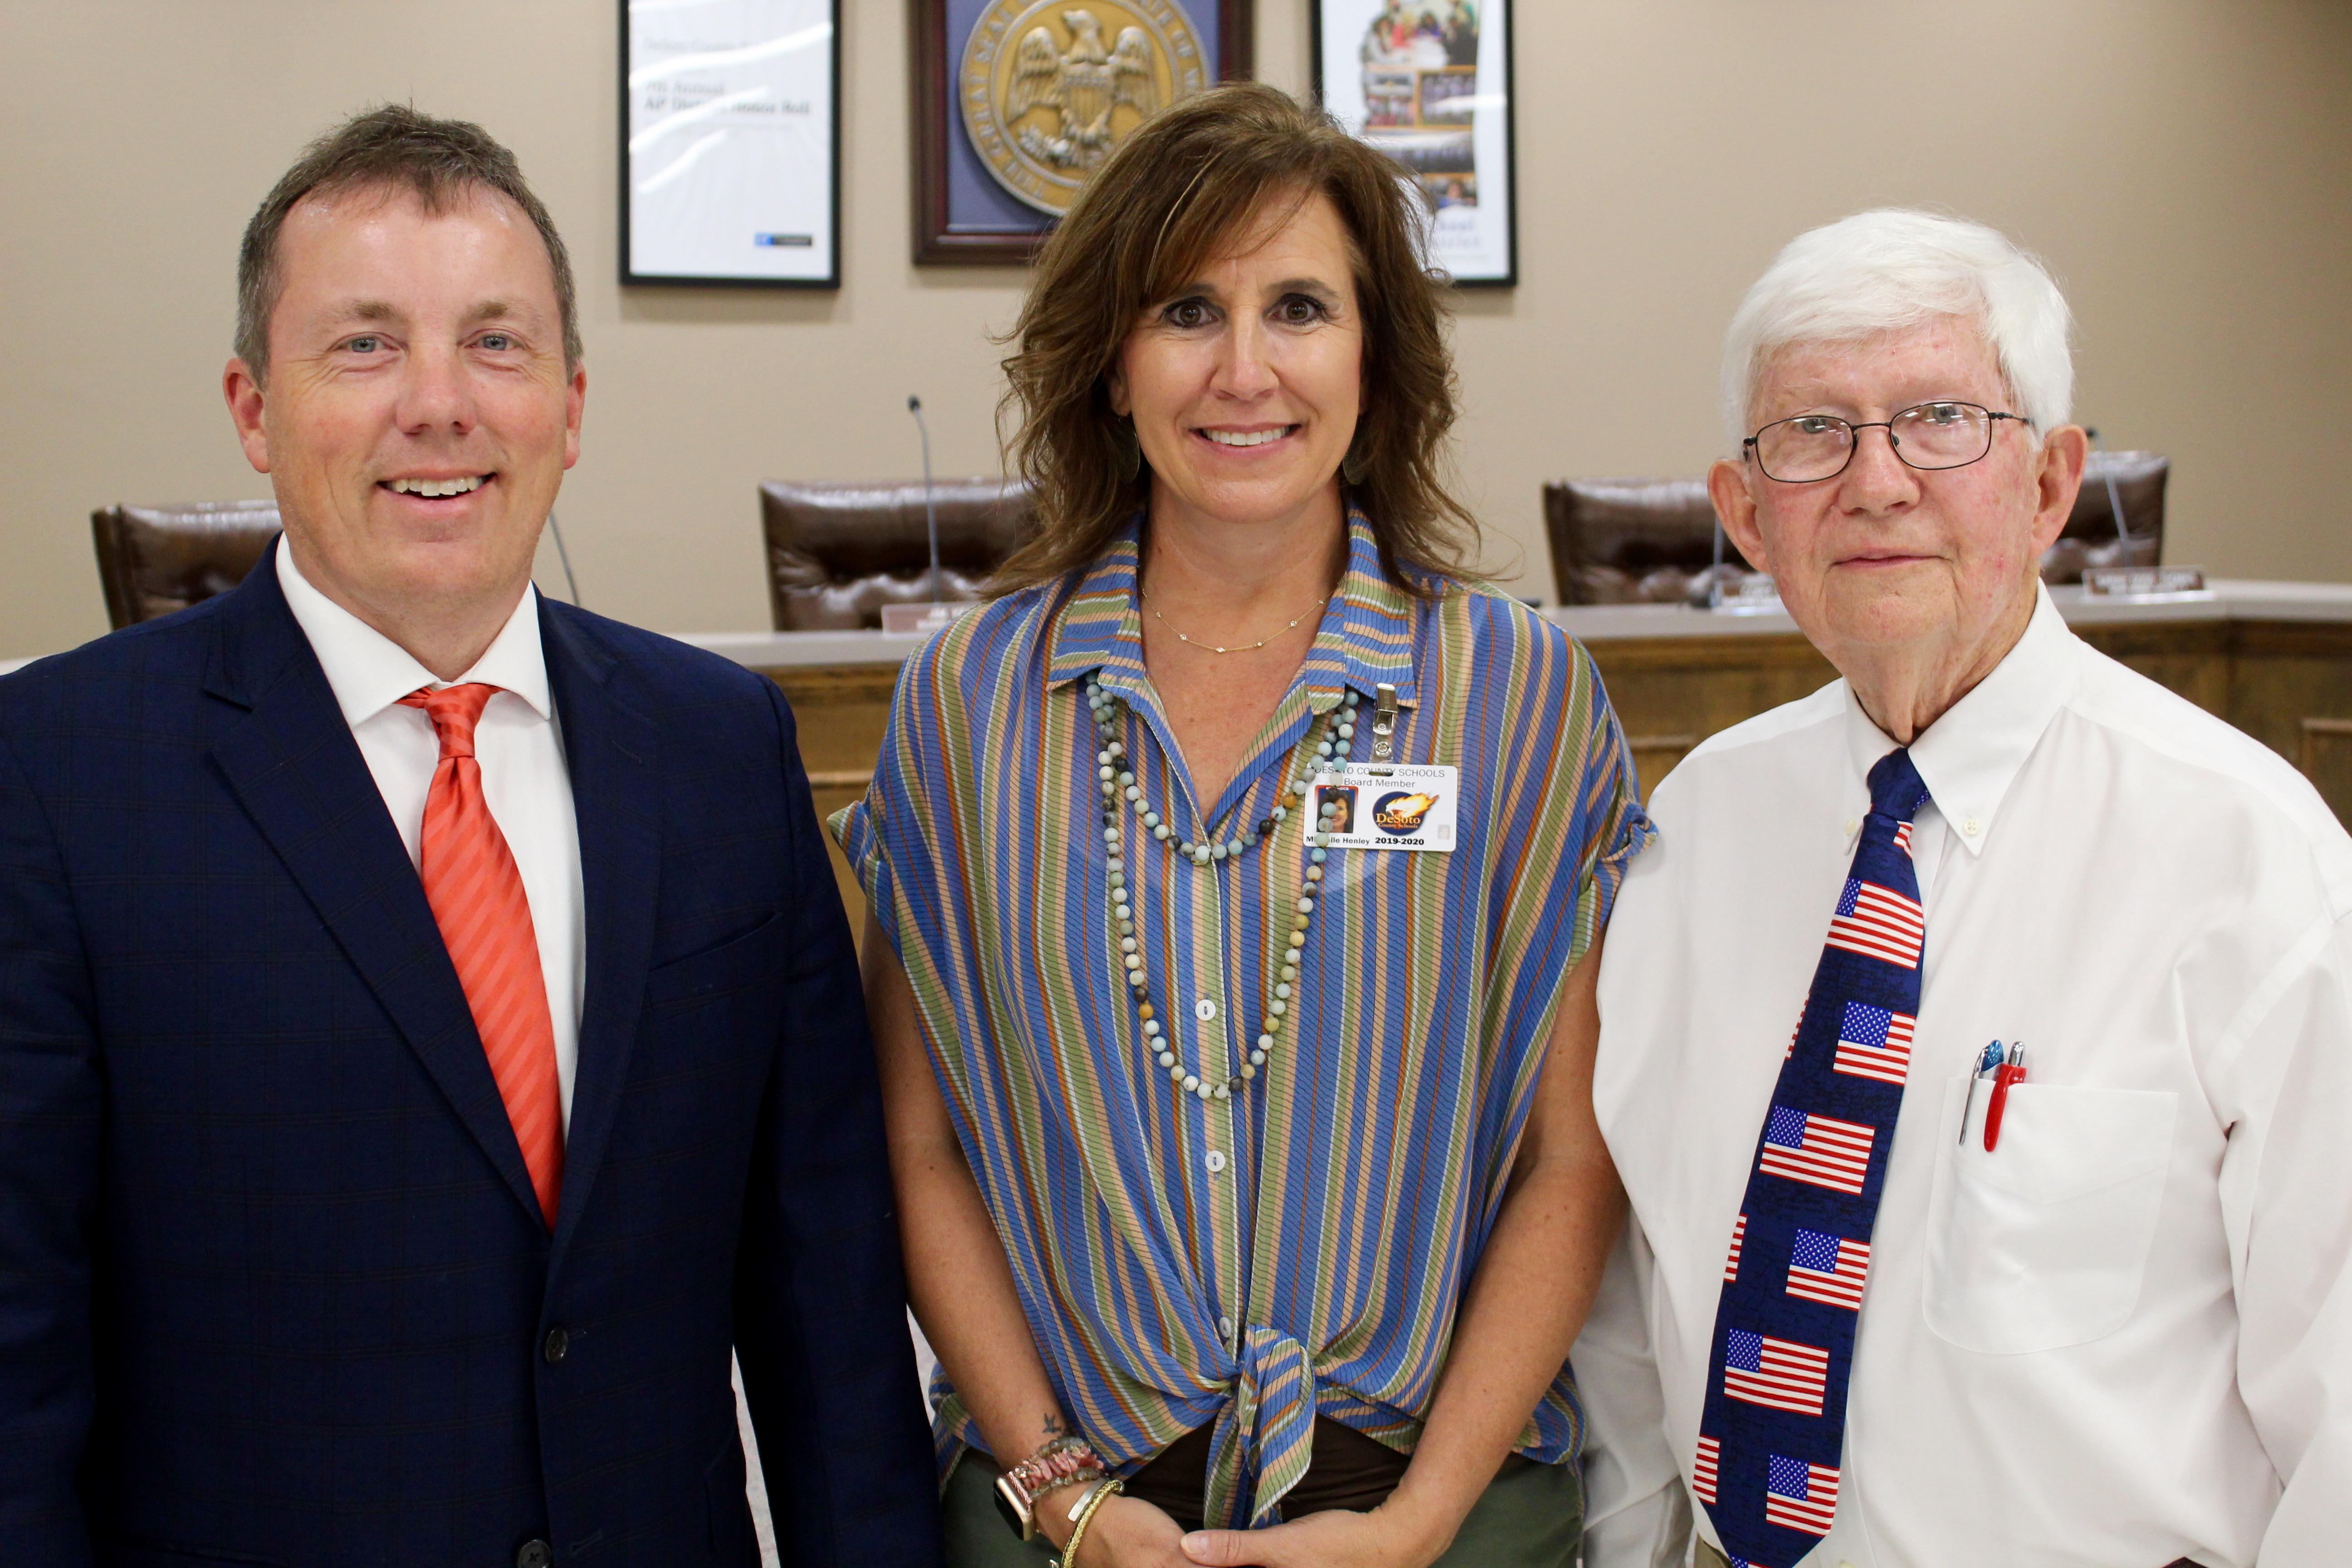 Supt. Uselton, Board Secretary Michele Henley, School Board President Milton Nichols